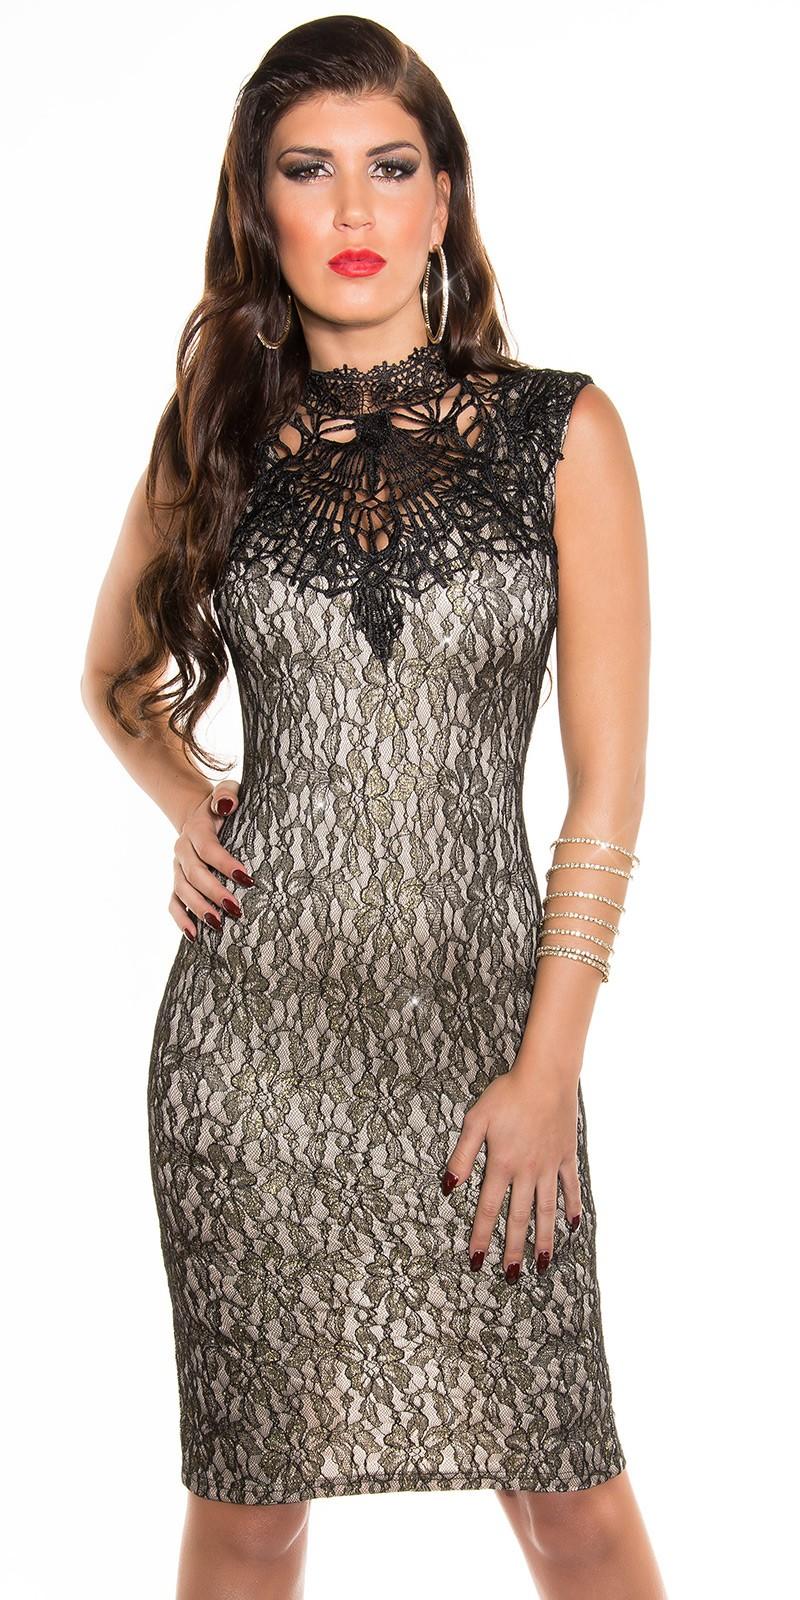 Arany virágmintás csipke női alkalmi ruha horgolt nyakkal - bézs (S-L) empty e90feb35ef